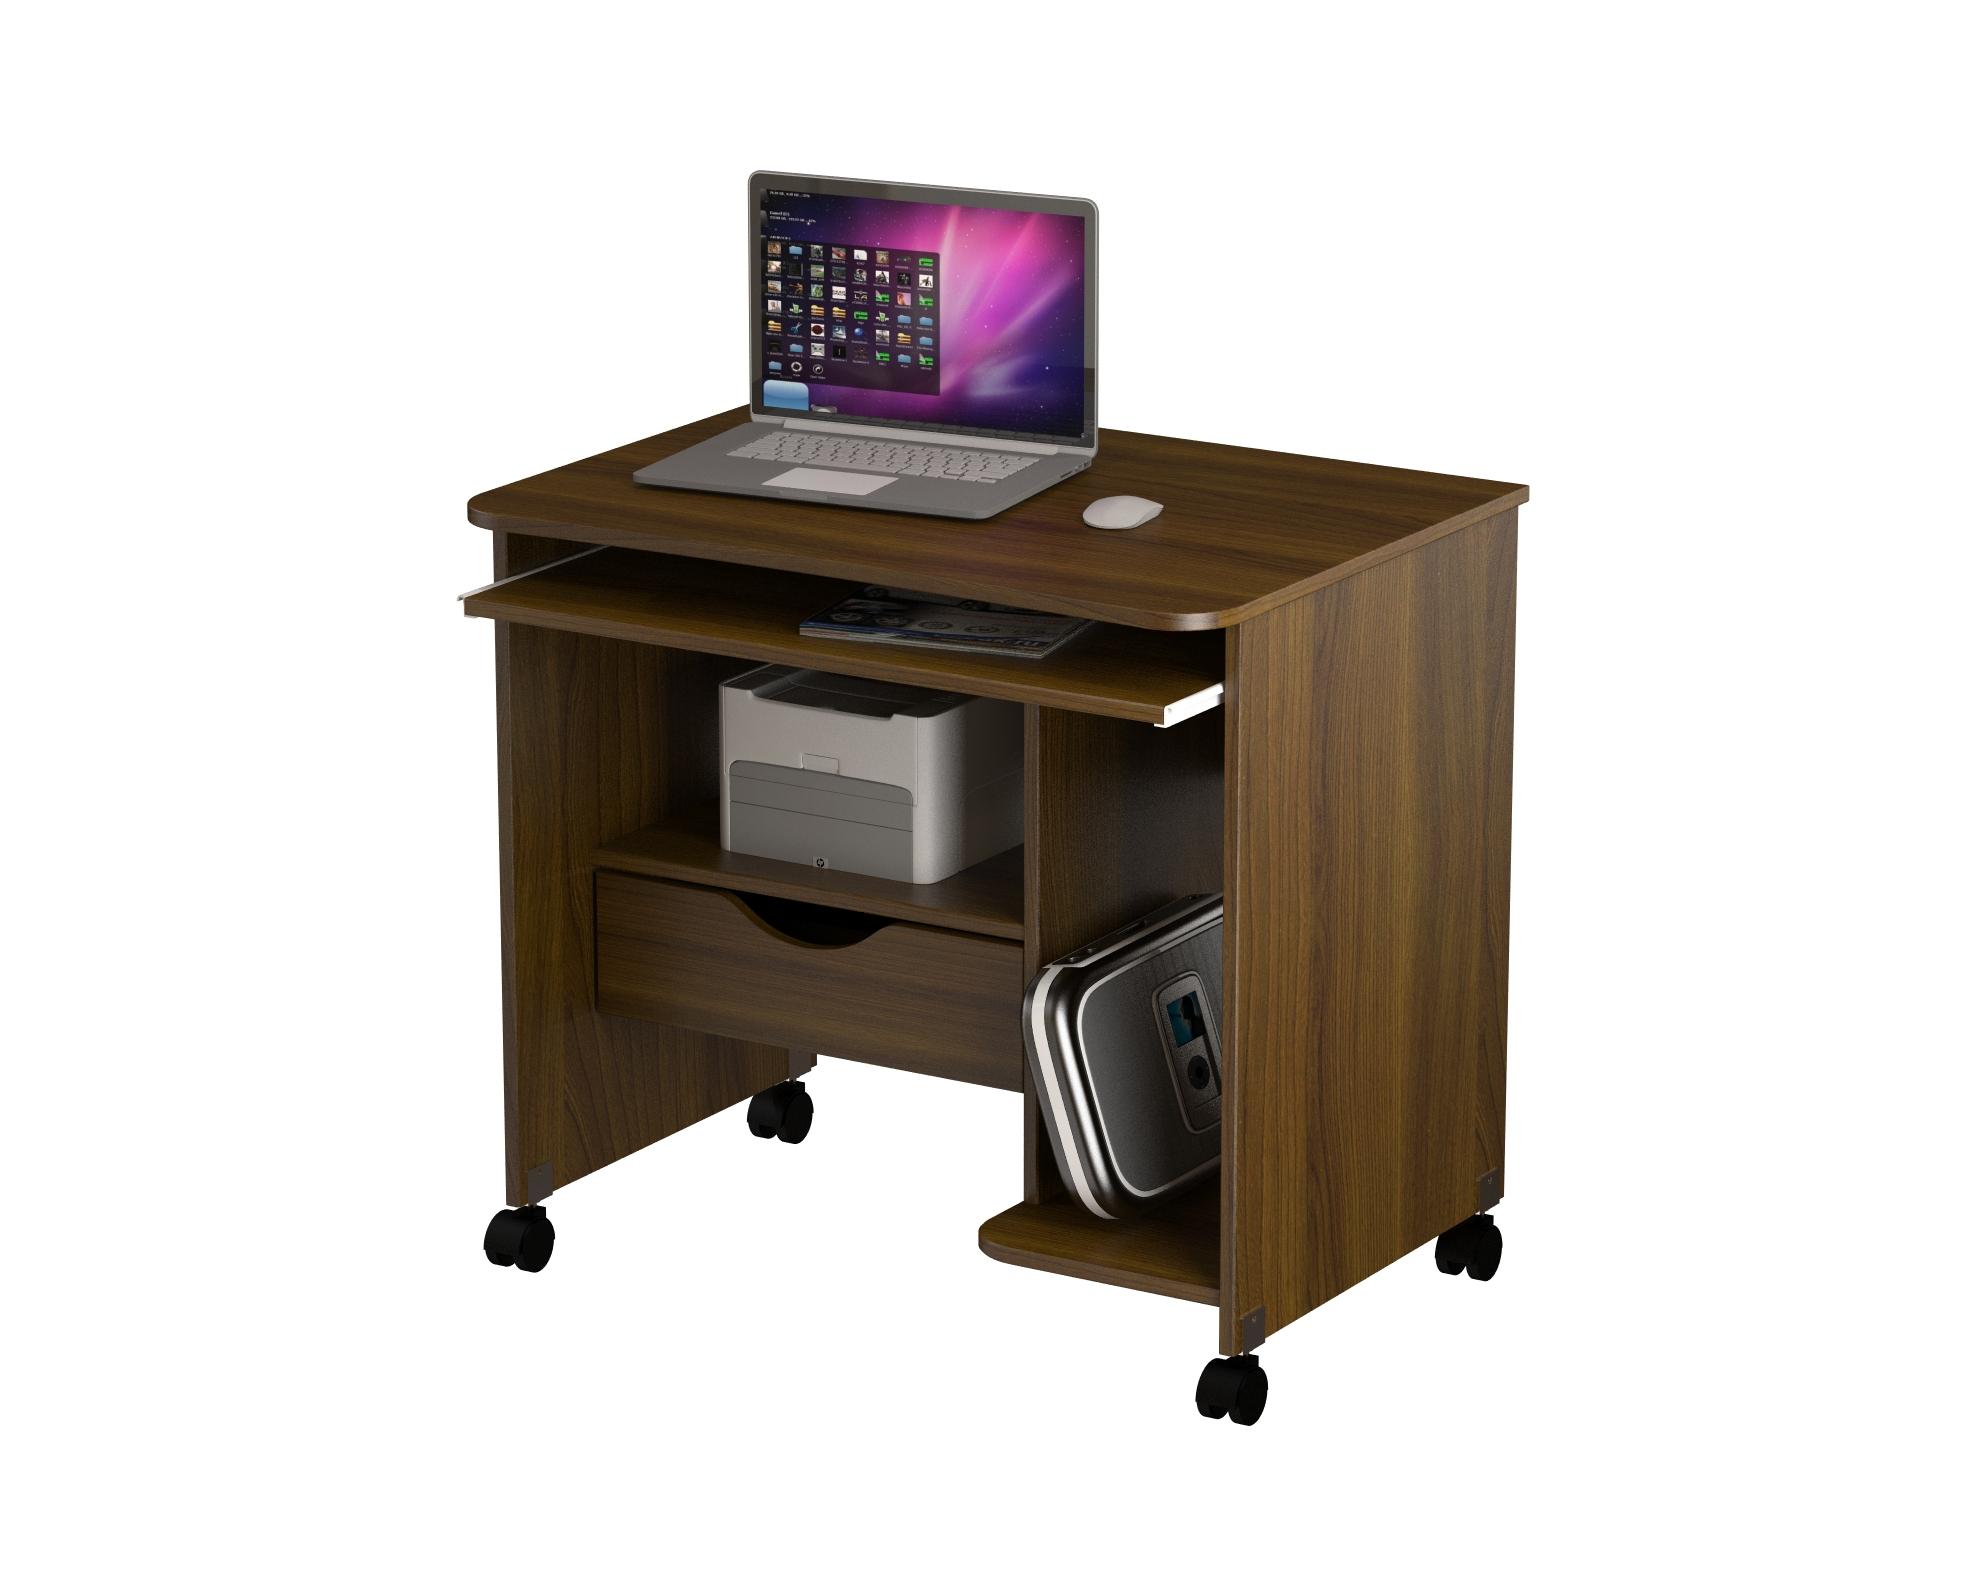 Компьютерный стол КС 20-06м1 как парашут в кс